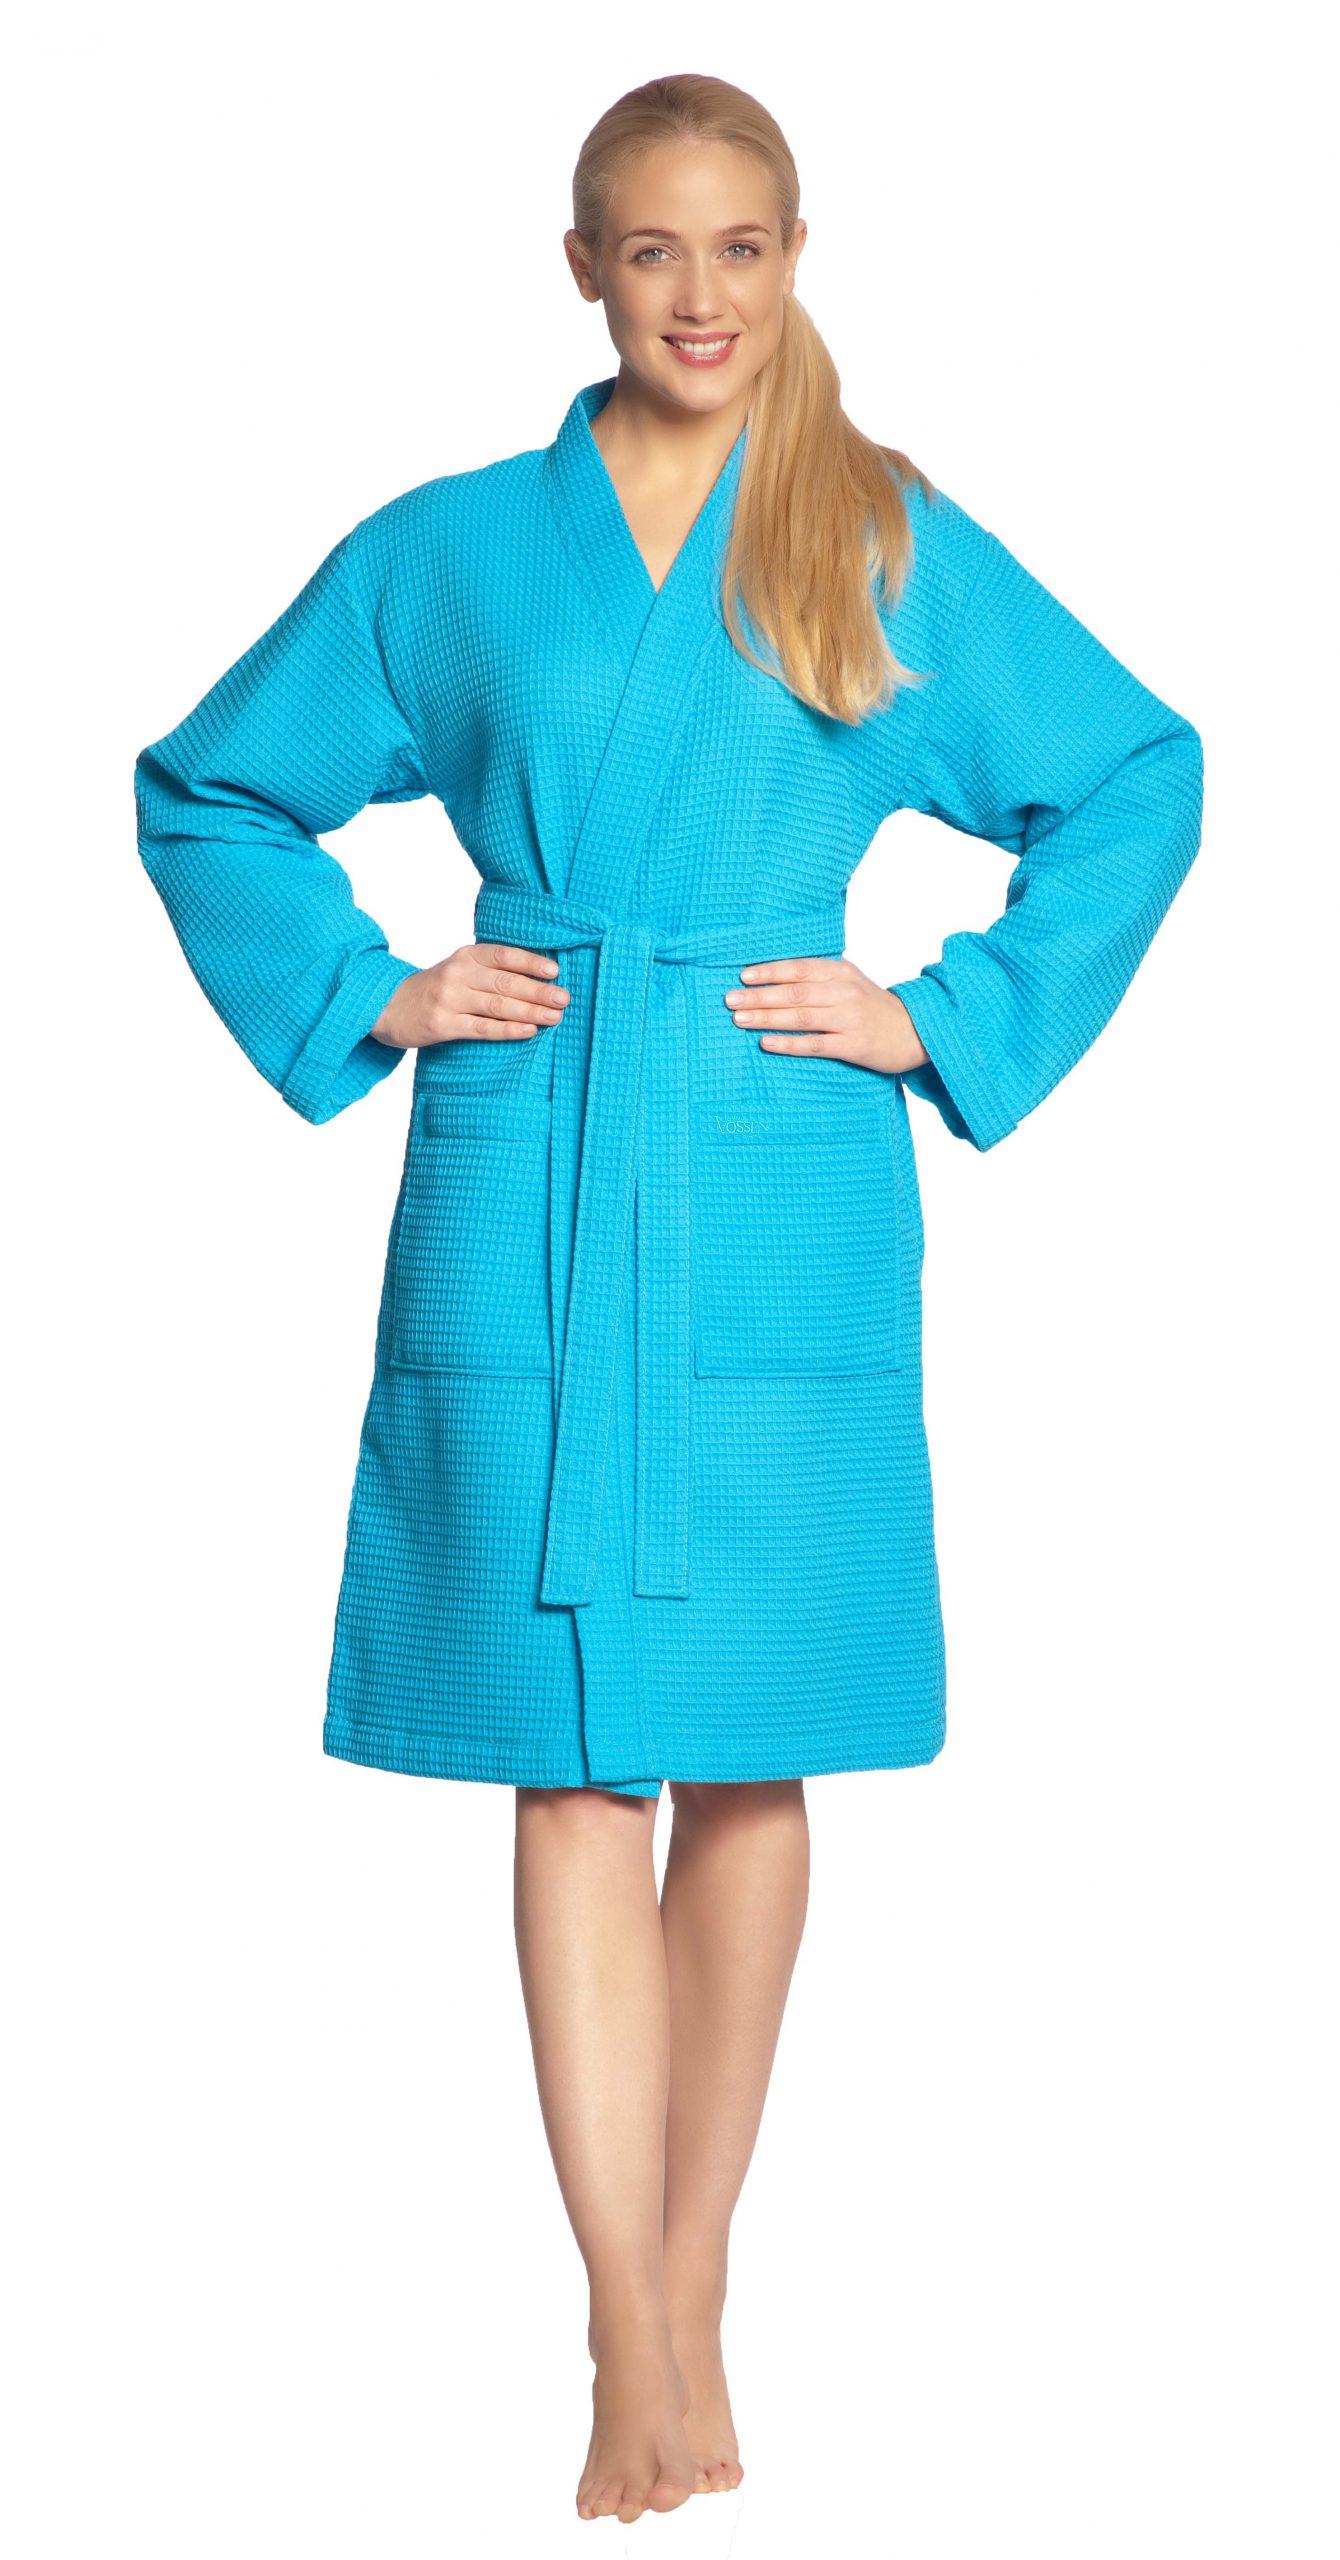 Turquoise wafelkimono kort damesmodel van Vossen-0